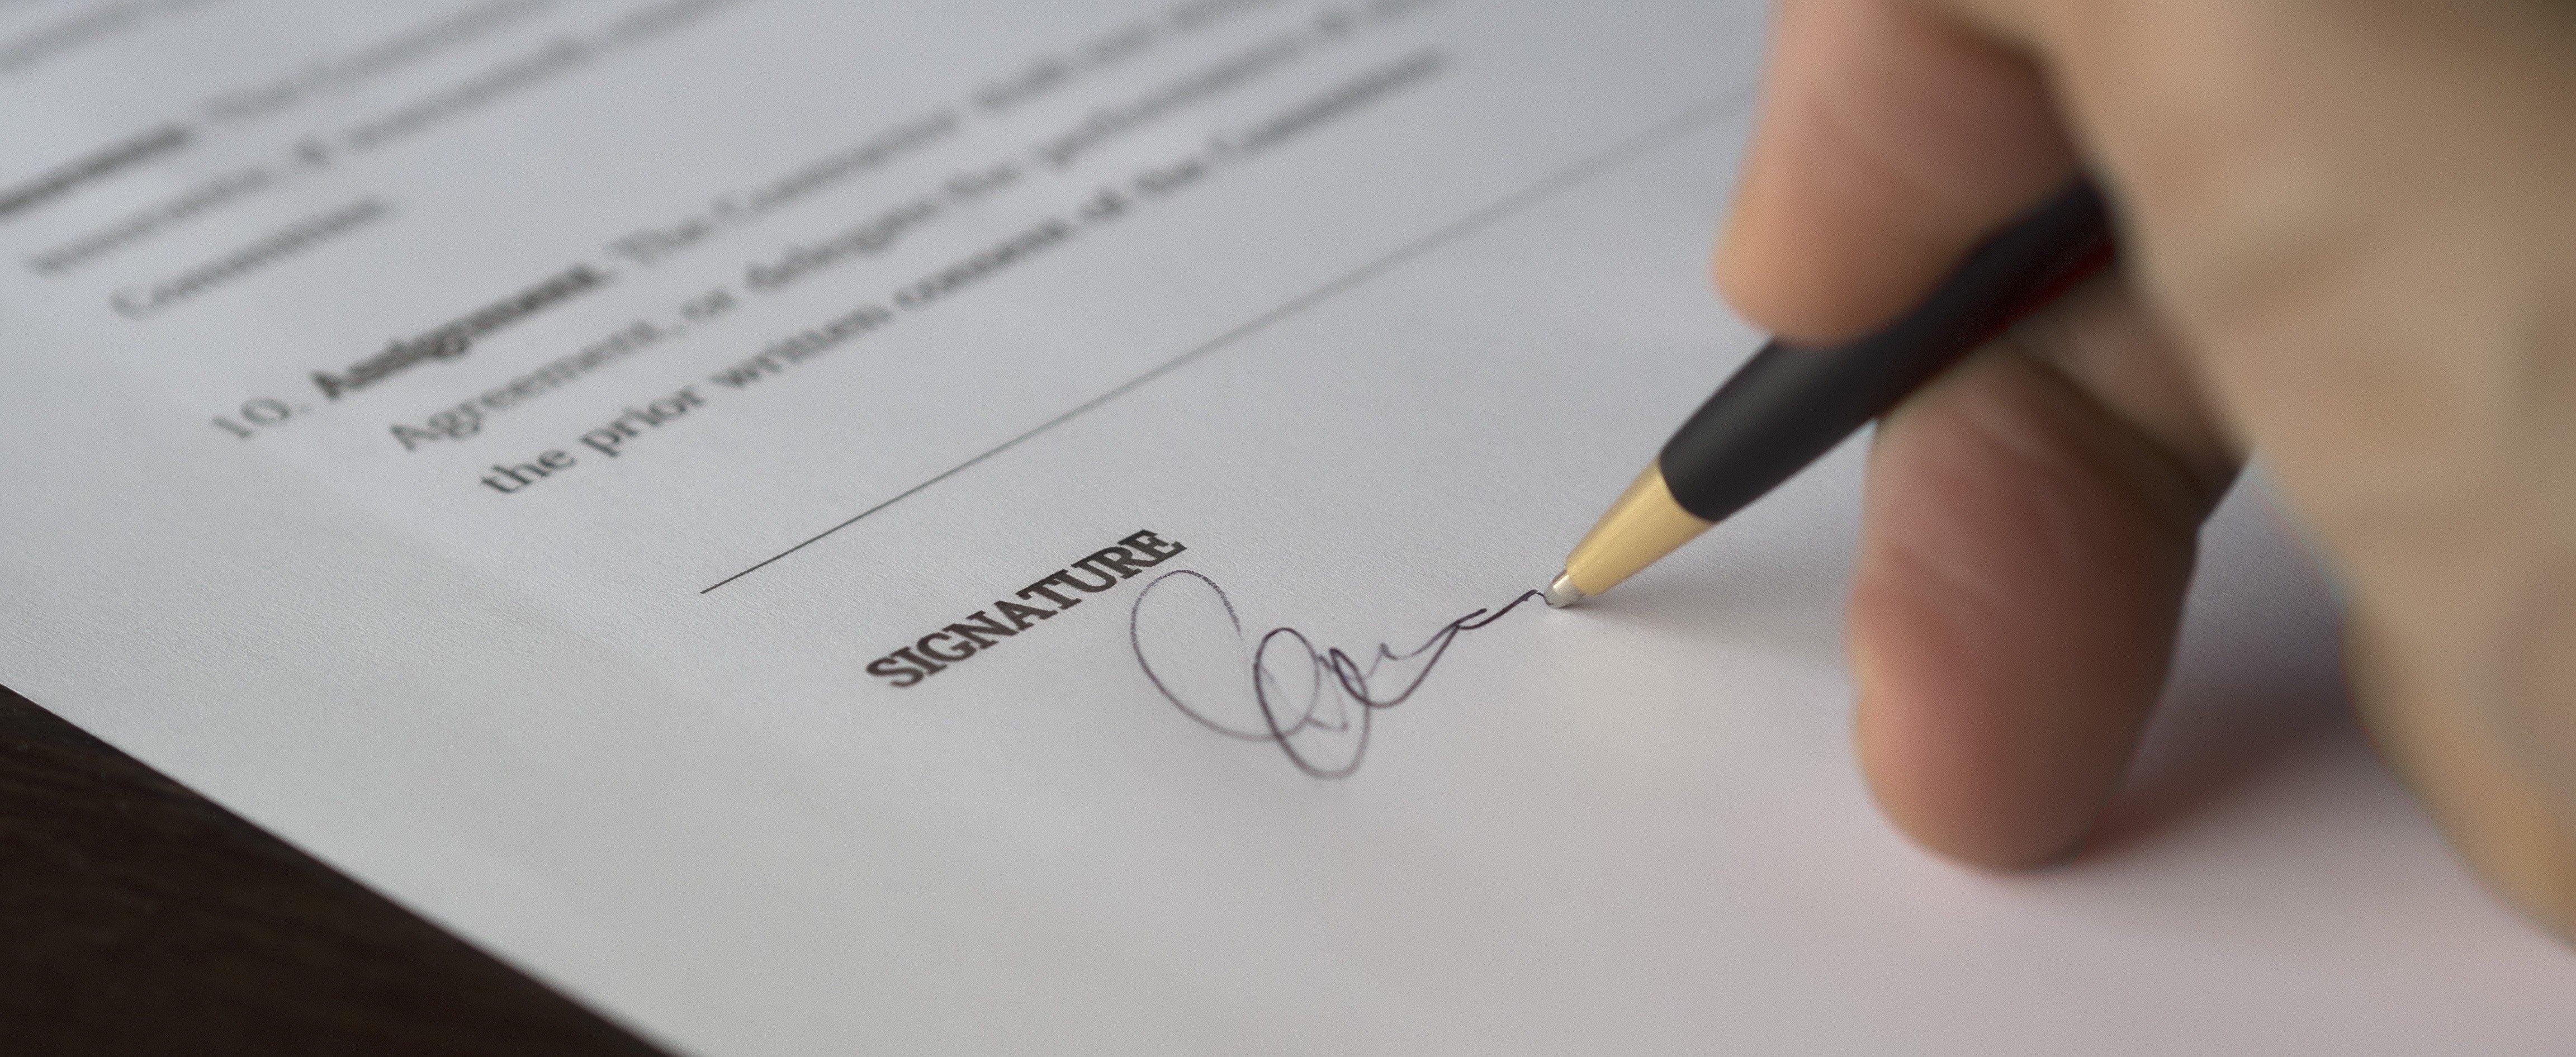 agreement-blur-business-261621